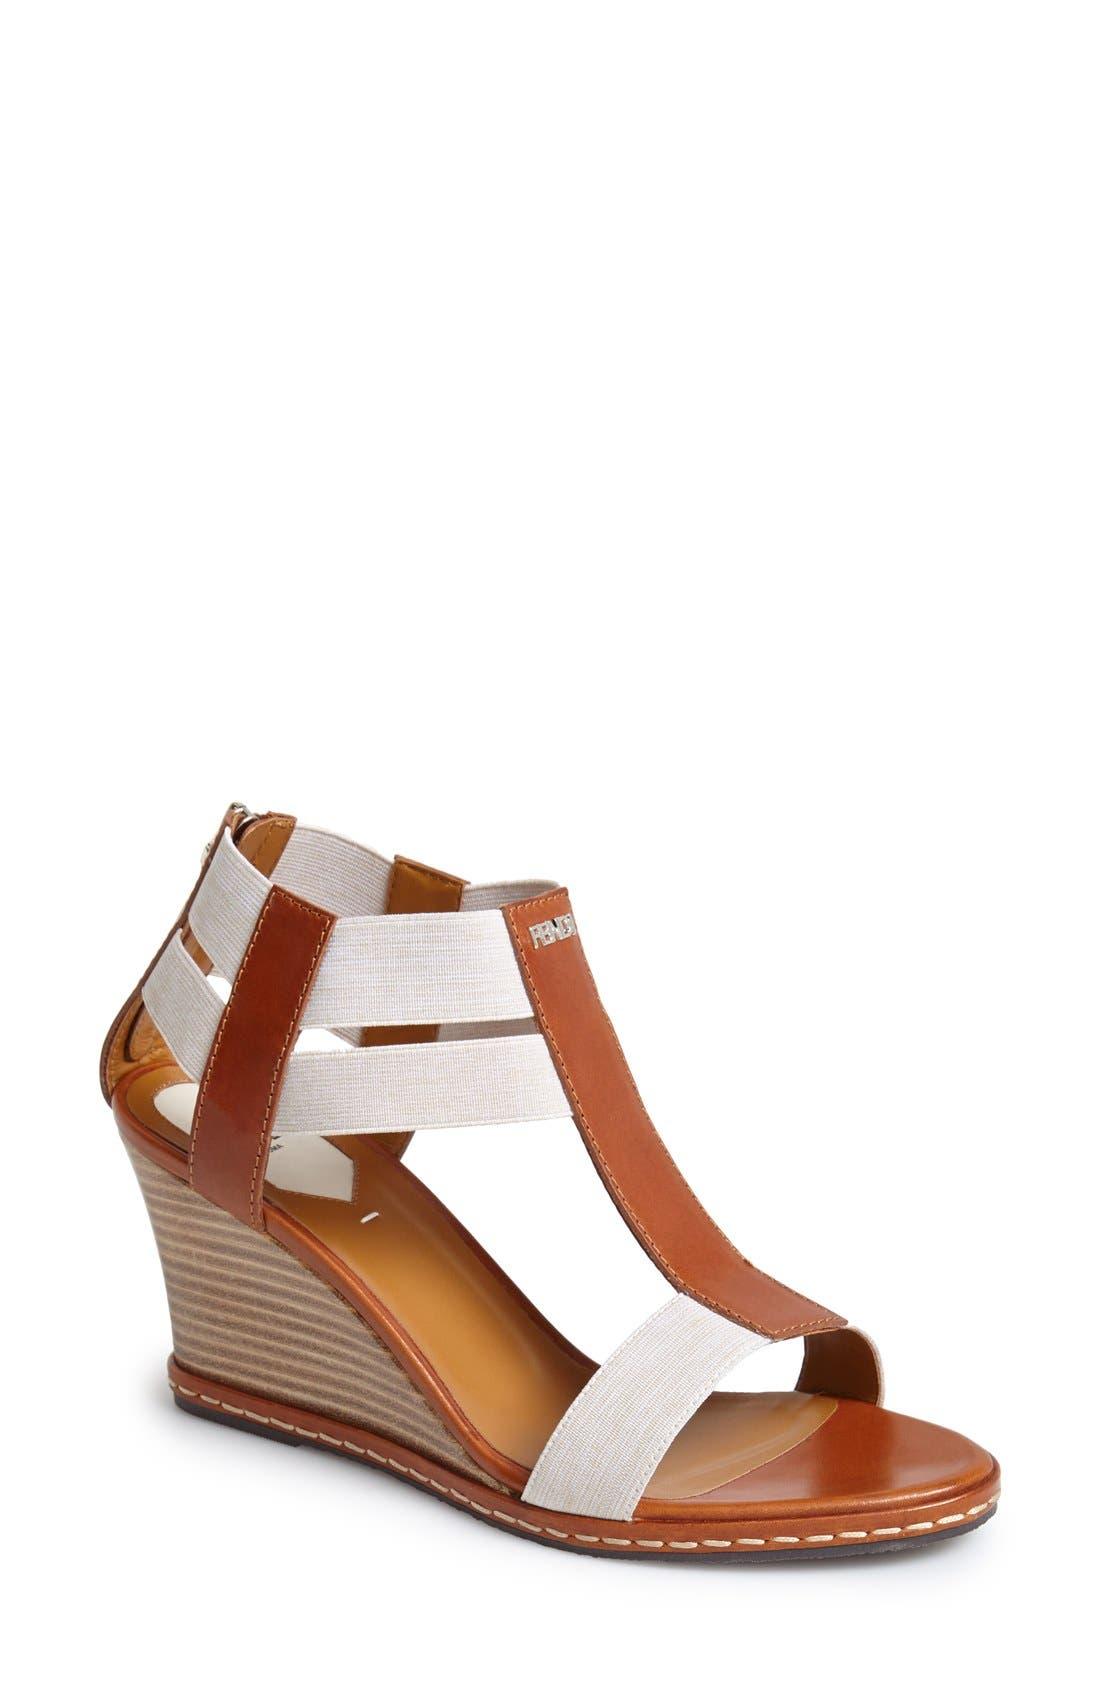 Alternate Image 1 Selected - Fendi 'Carioca' Wedge Sandal (Women)